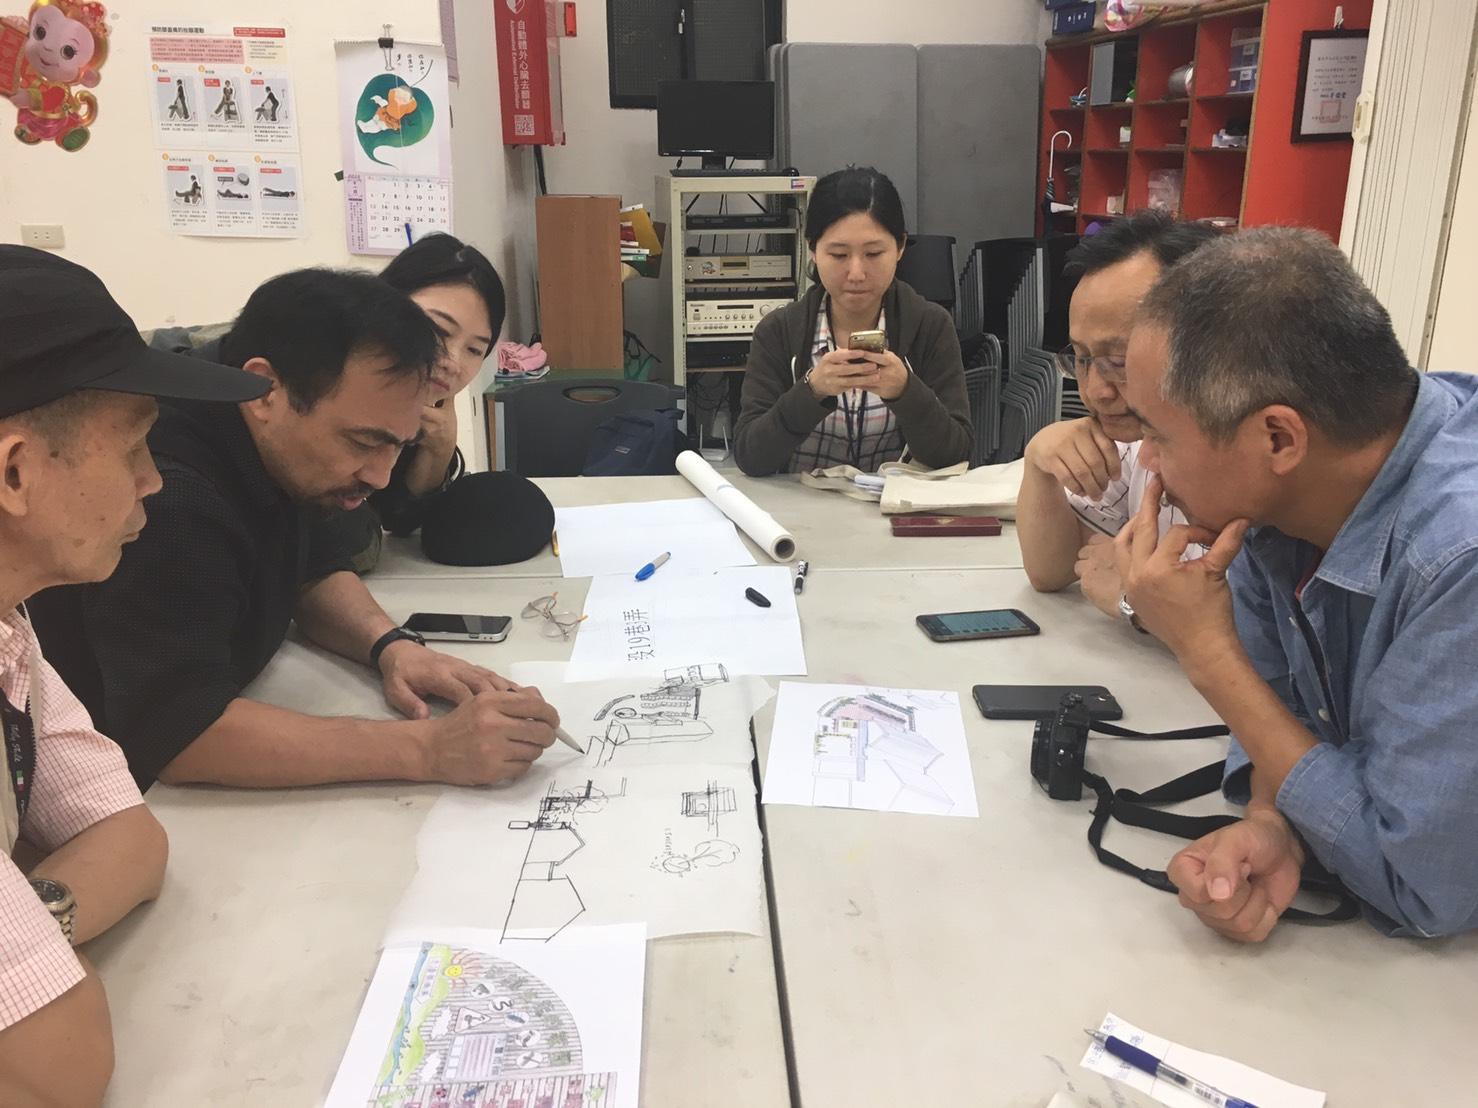 講師和里長共同討論建築。照片拍攝/林韶君